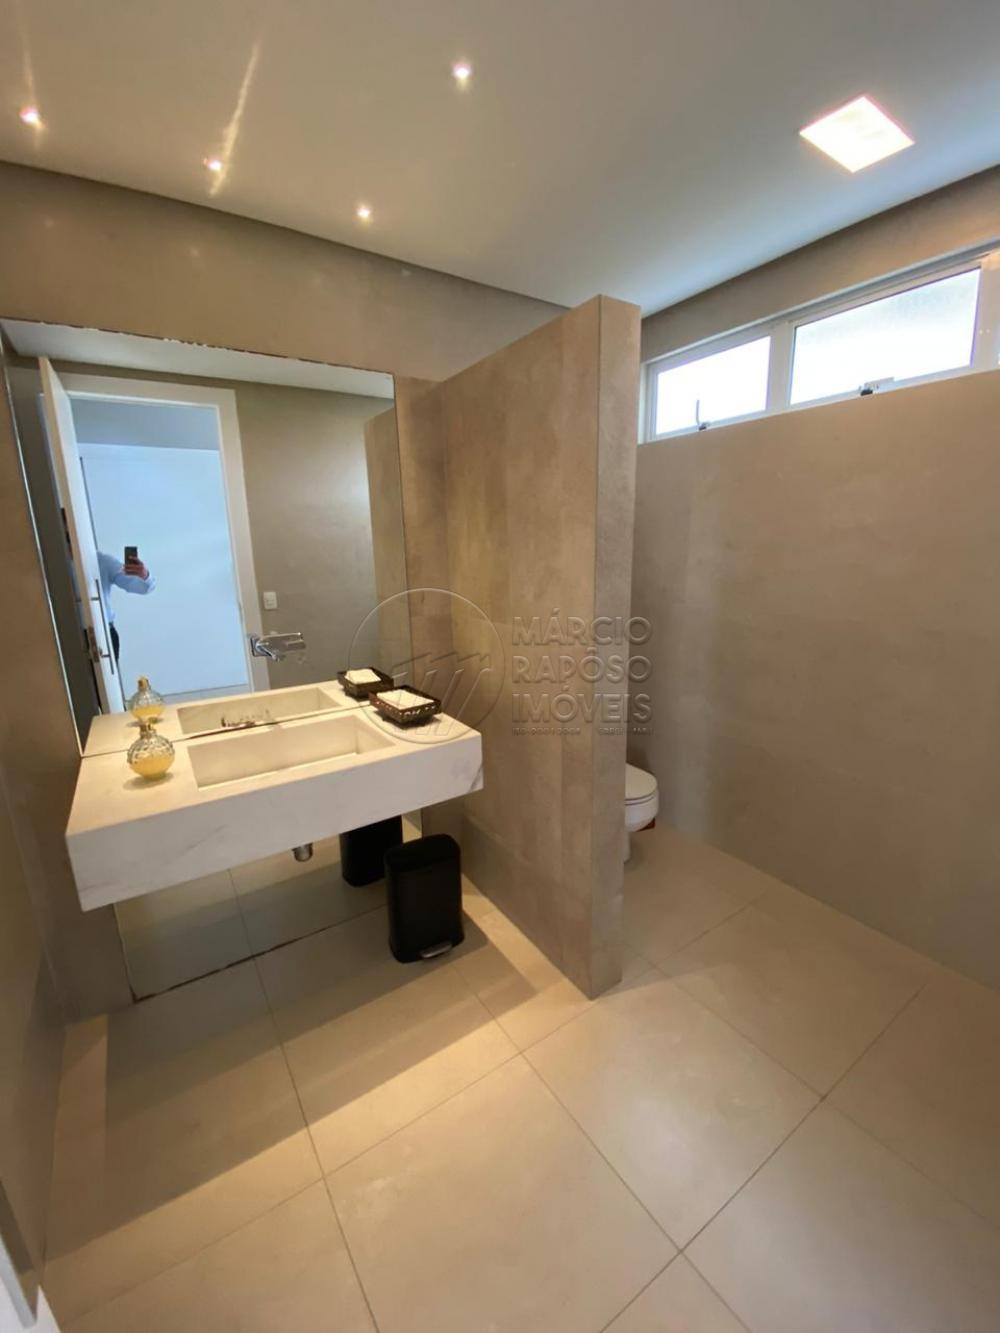 ALDEBARAN OMEGA 03 Suites, Gabinete, Homecine, 03 salas, Piscina, DCE, espaço gourmet com churrasqueira.